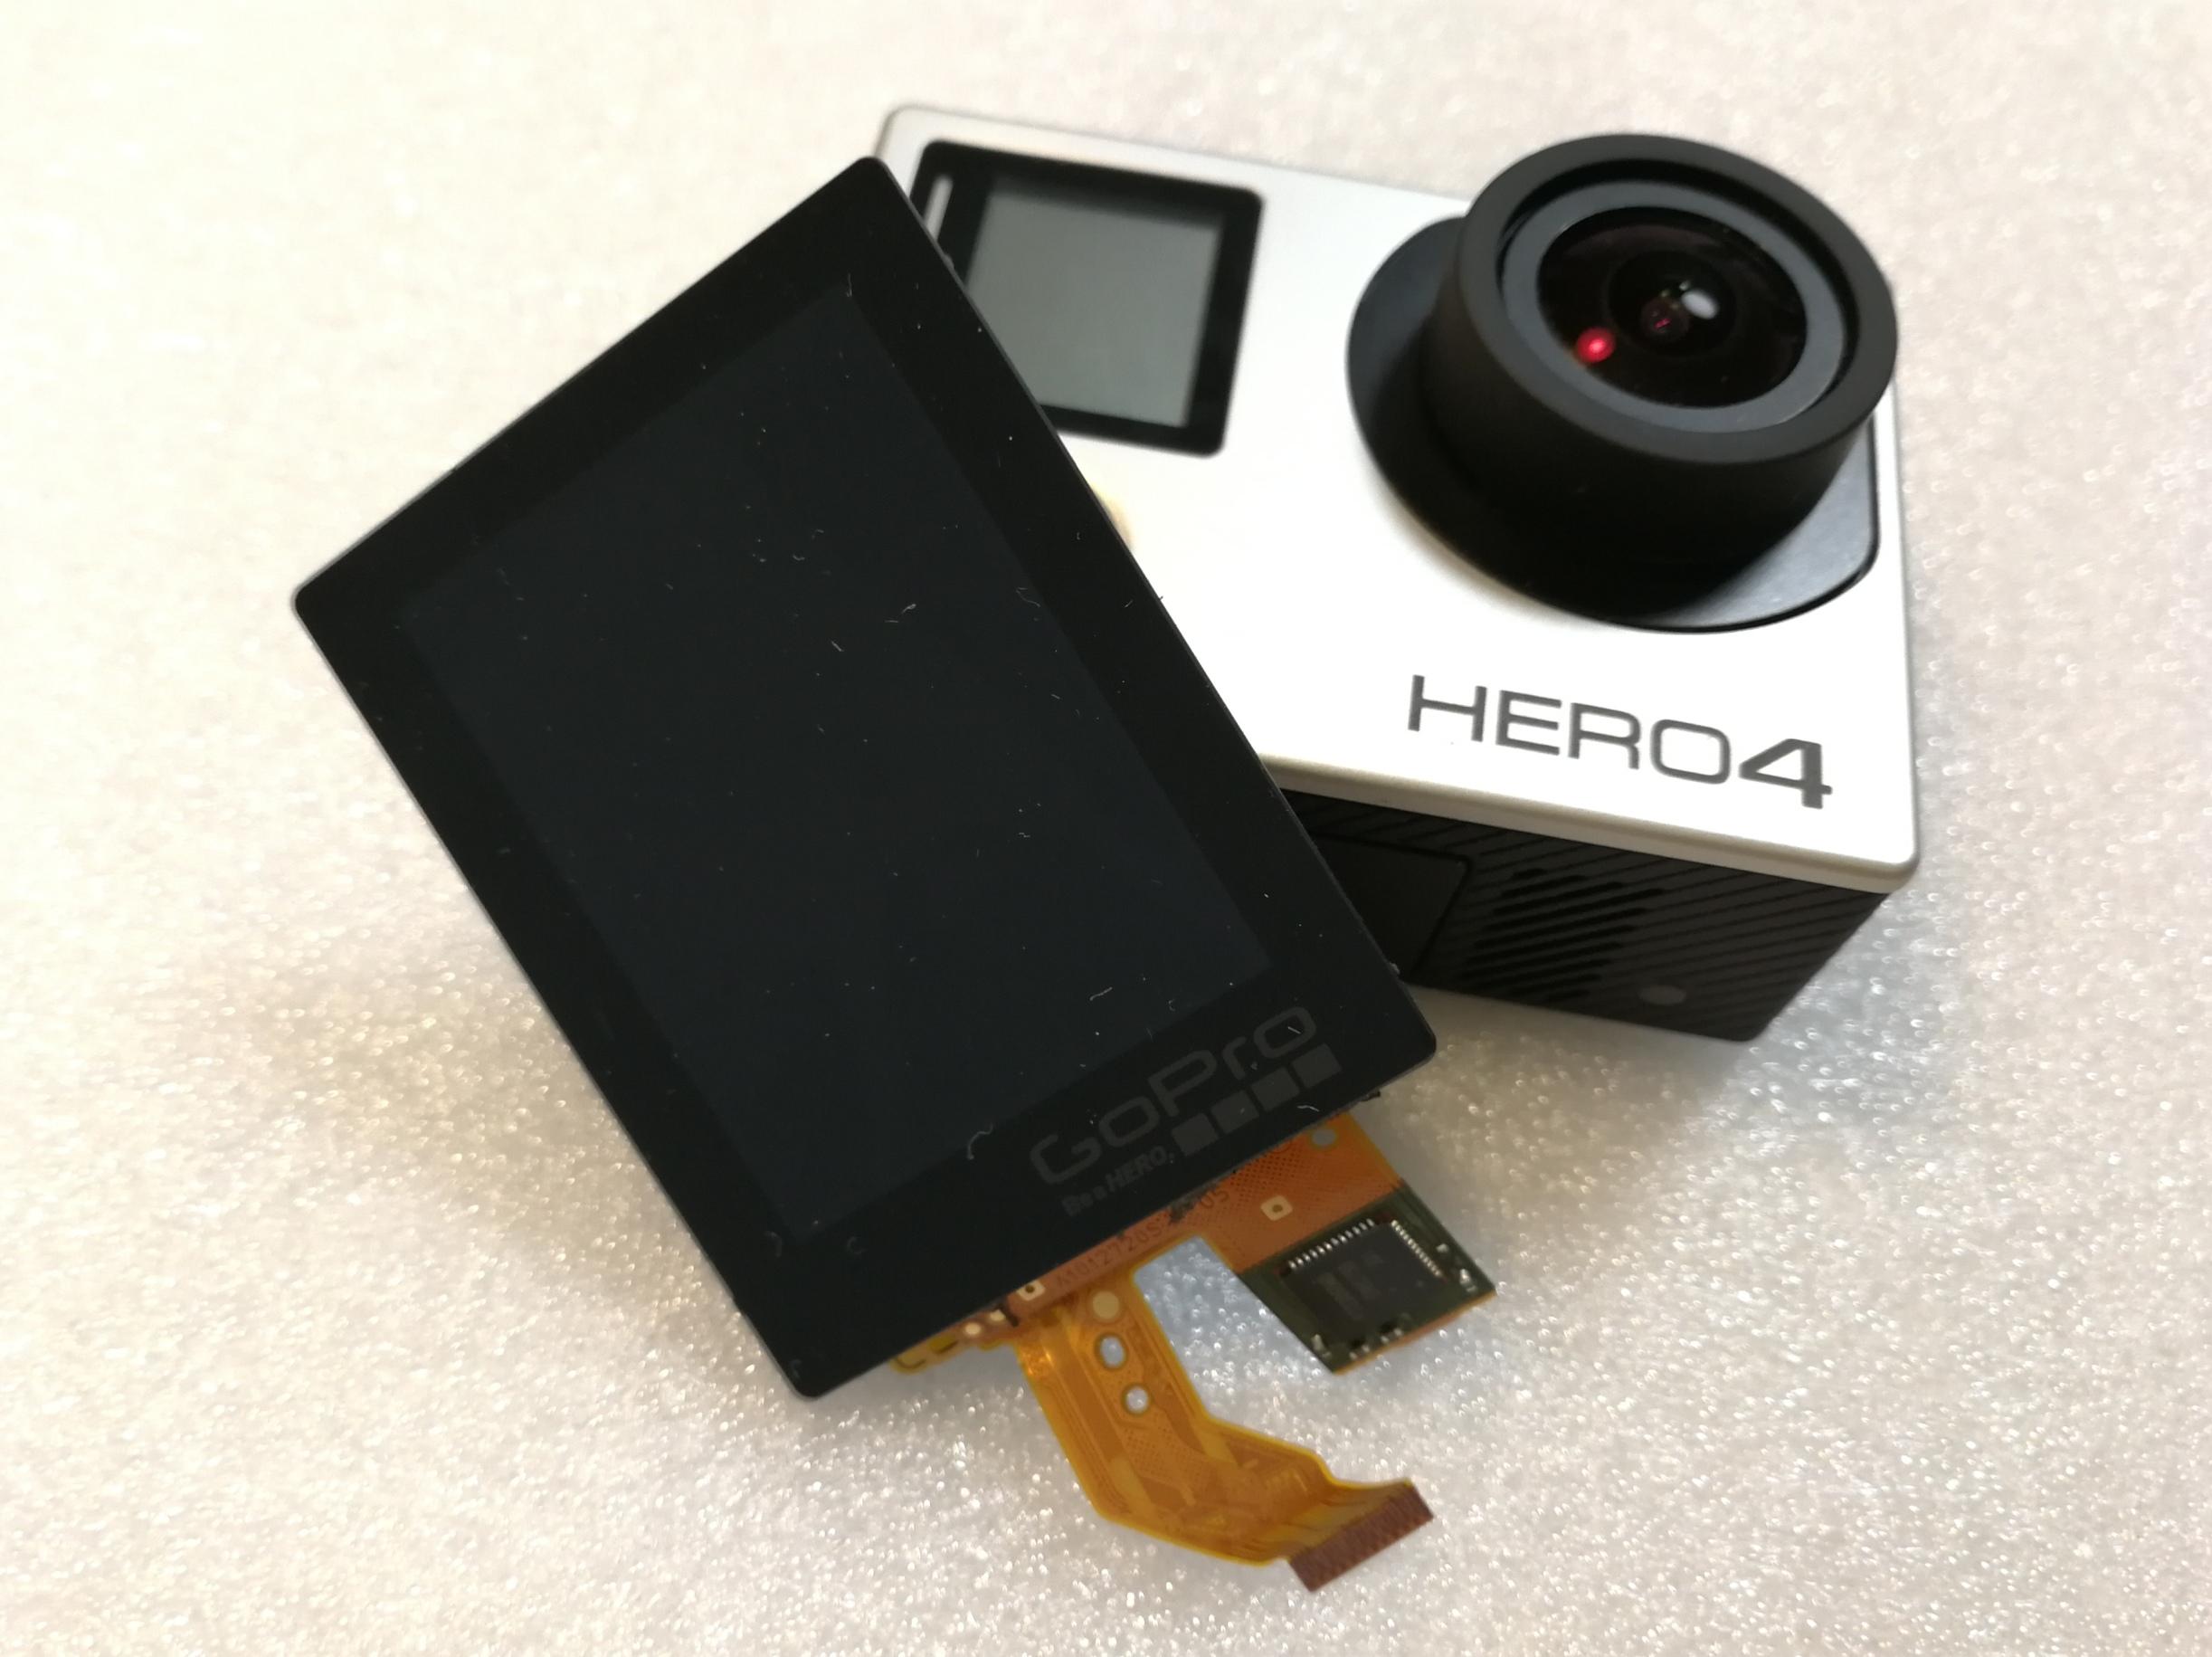 Hero4 GoPro vymena displeje